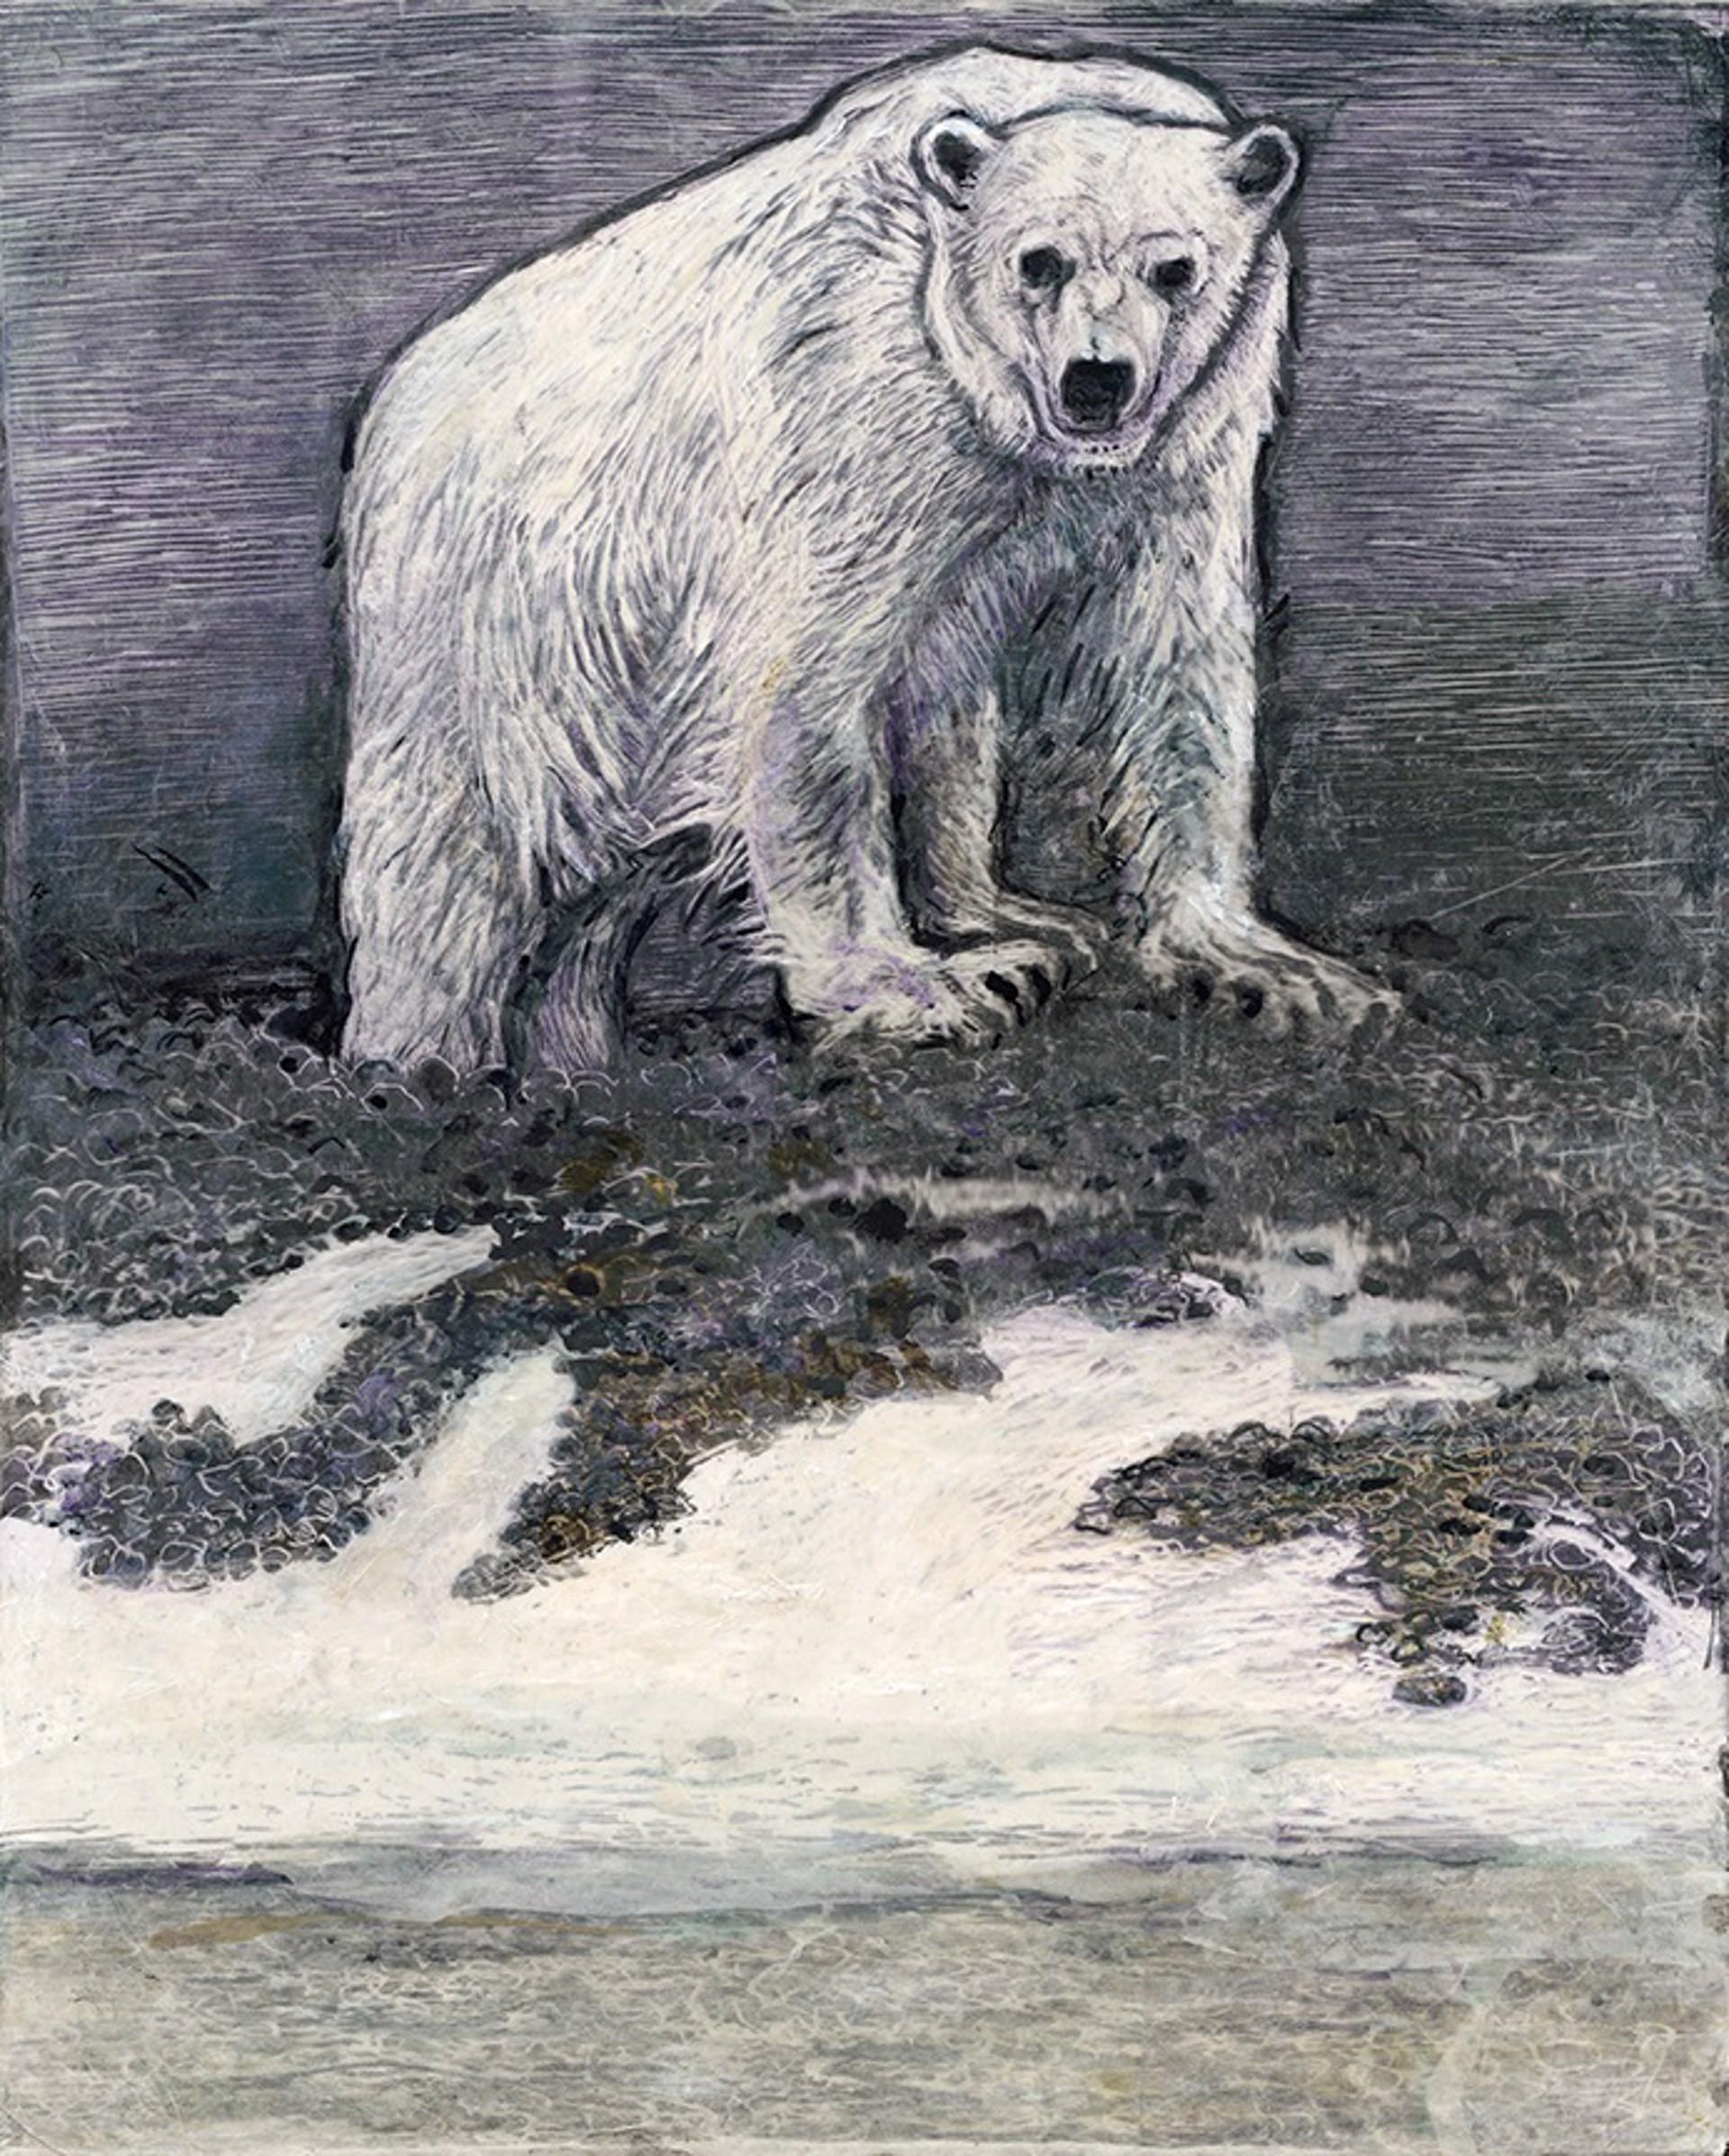 Polar Bear by Rosemary Feit Covey